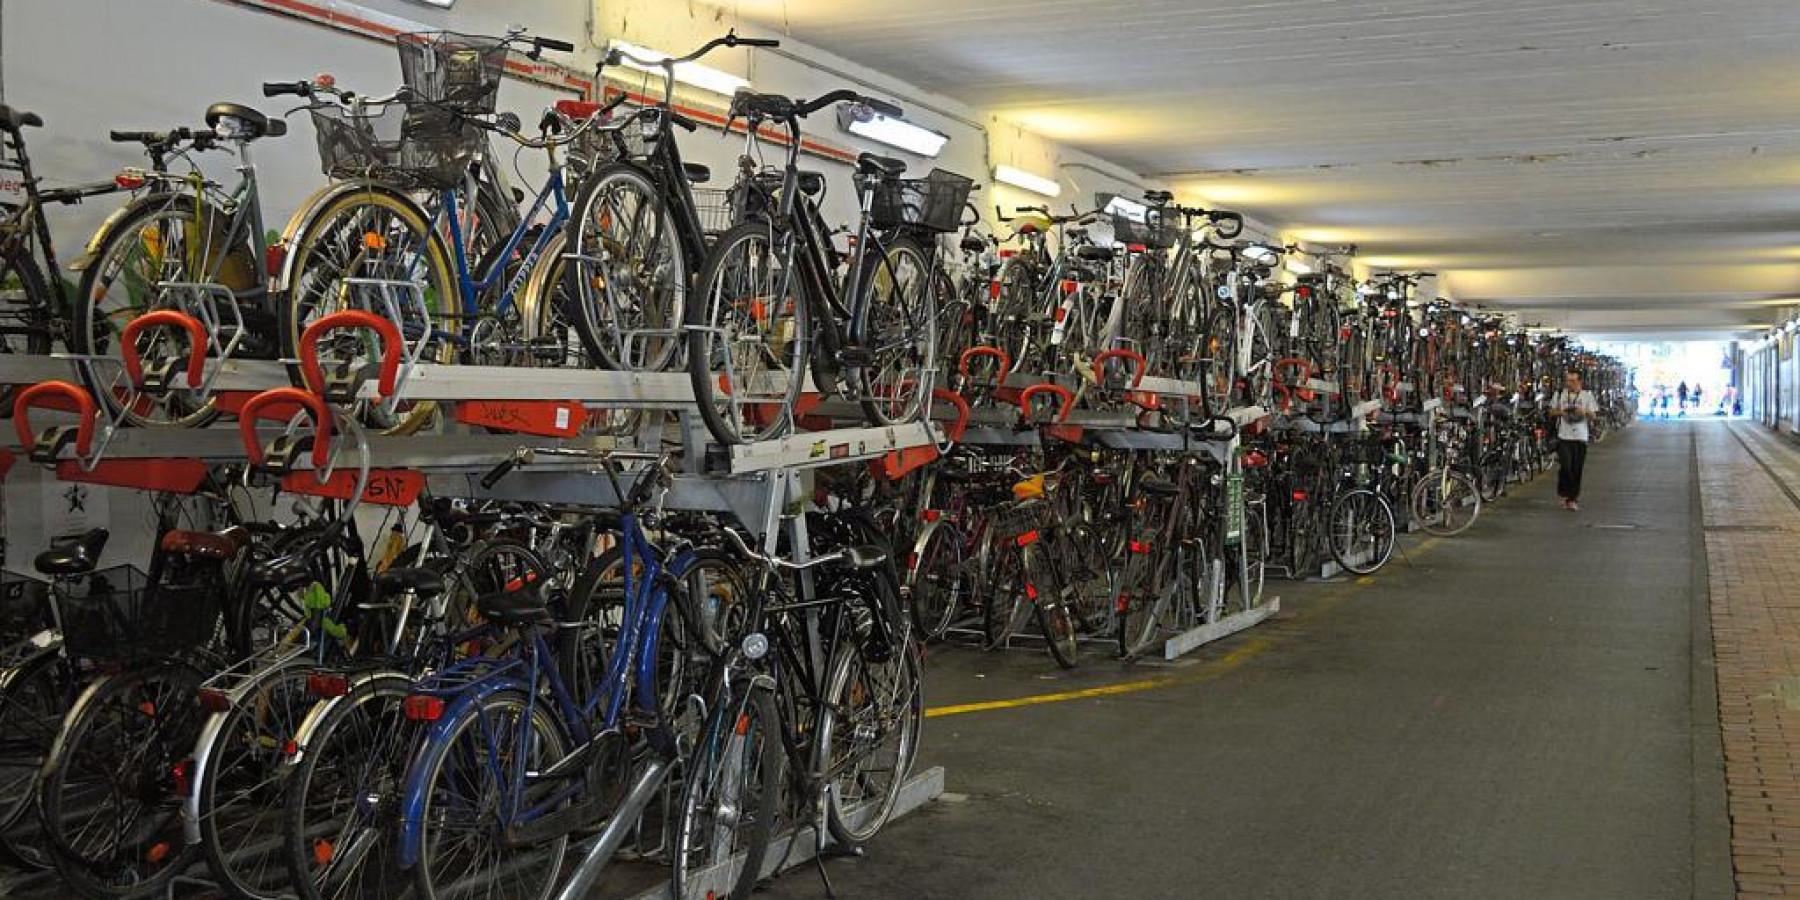 Hamburger Tunnel – Fahrraddieb hat aufgebrochenes Schloss dabei